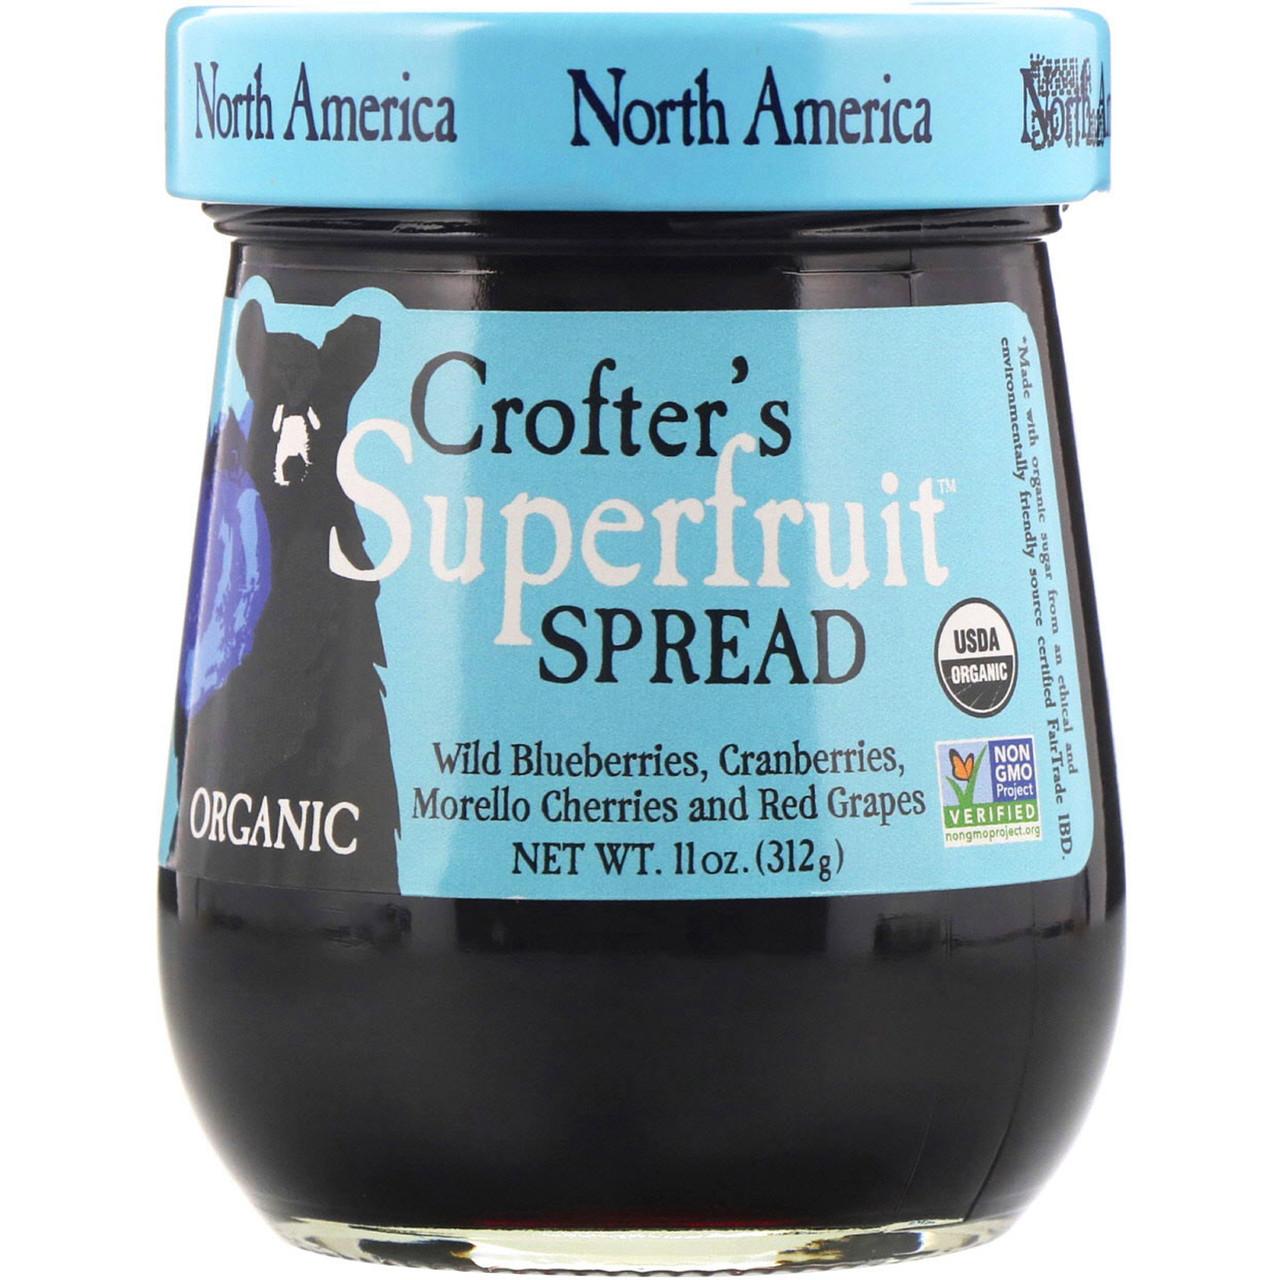 Crofter's Organic, Organic, Superfruit Spread, джем из супер-фруктов, Северная Америка, 11 унций (312 г)